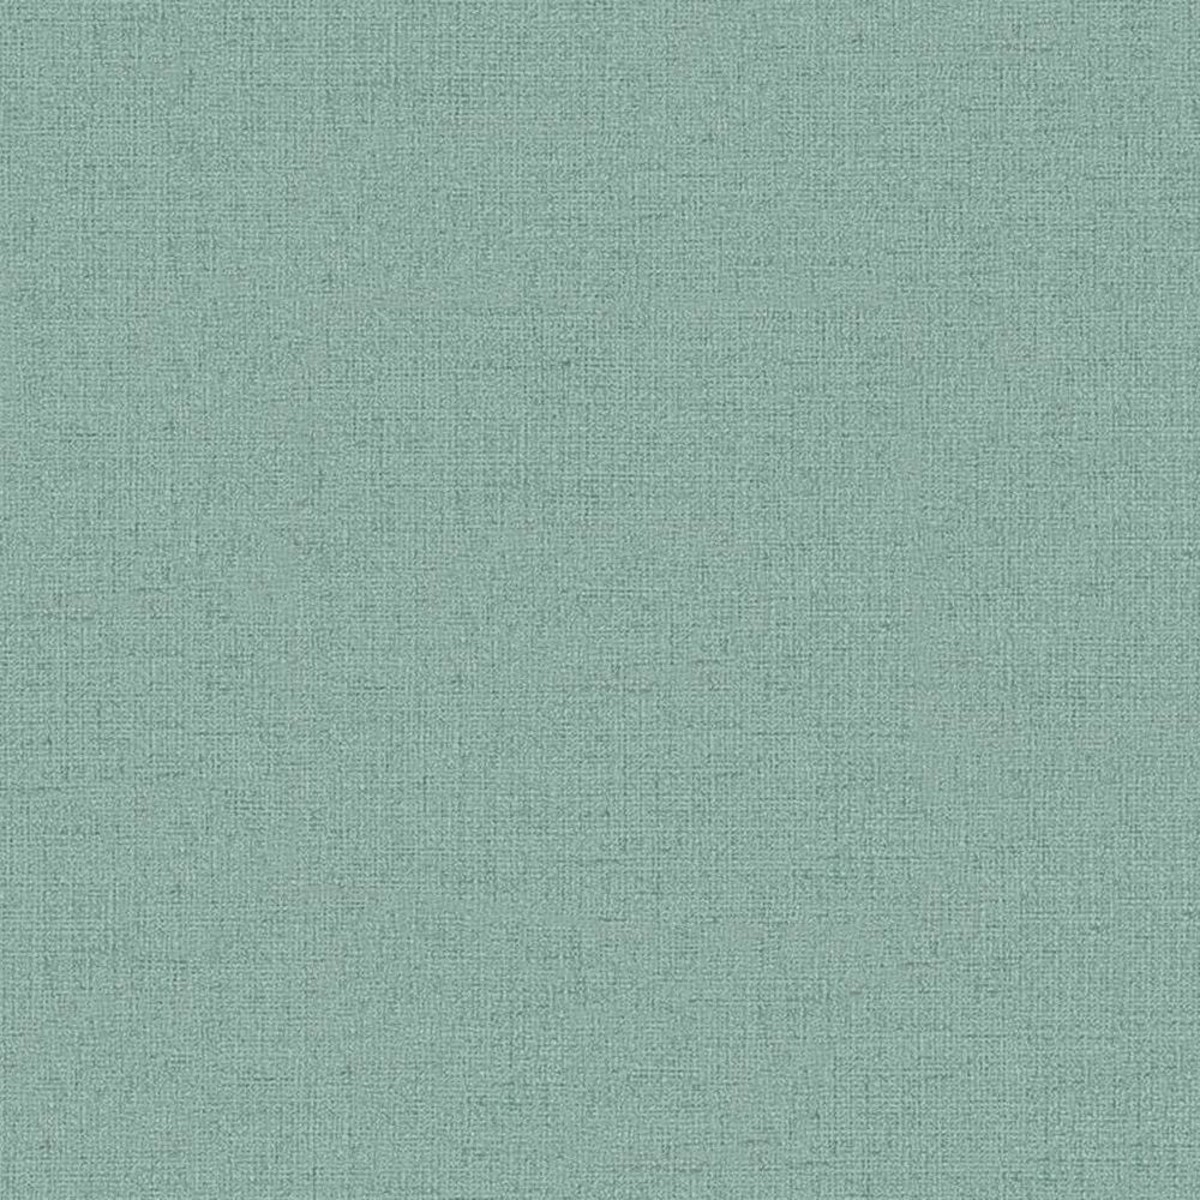 Обои виниловые Gaenari синие 1.06 м 87397-5